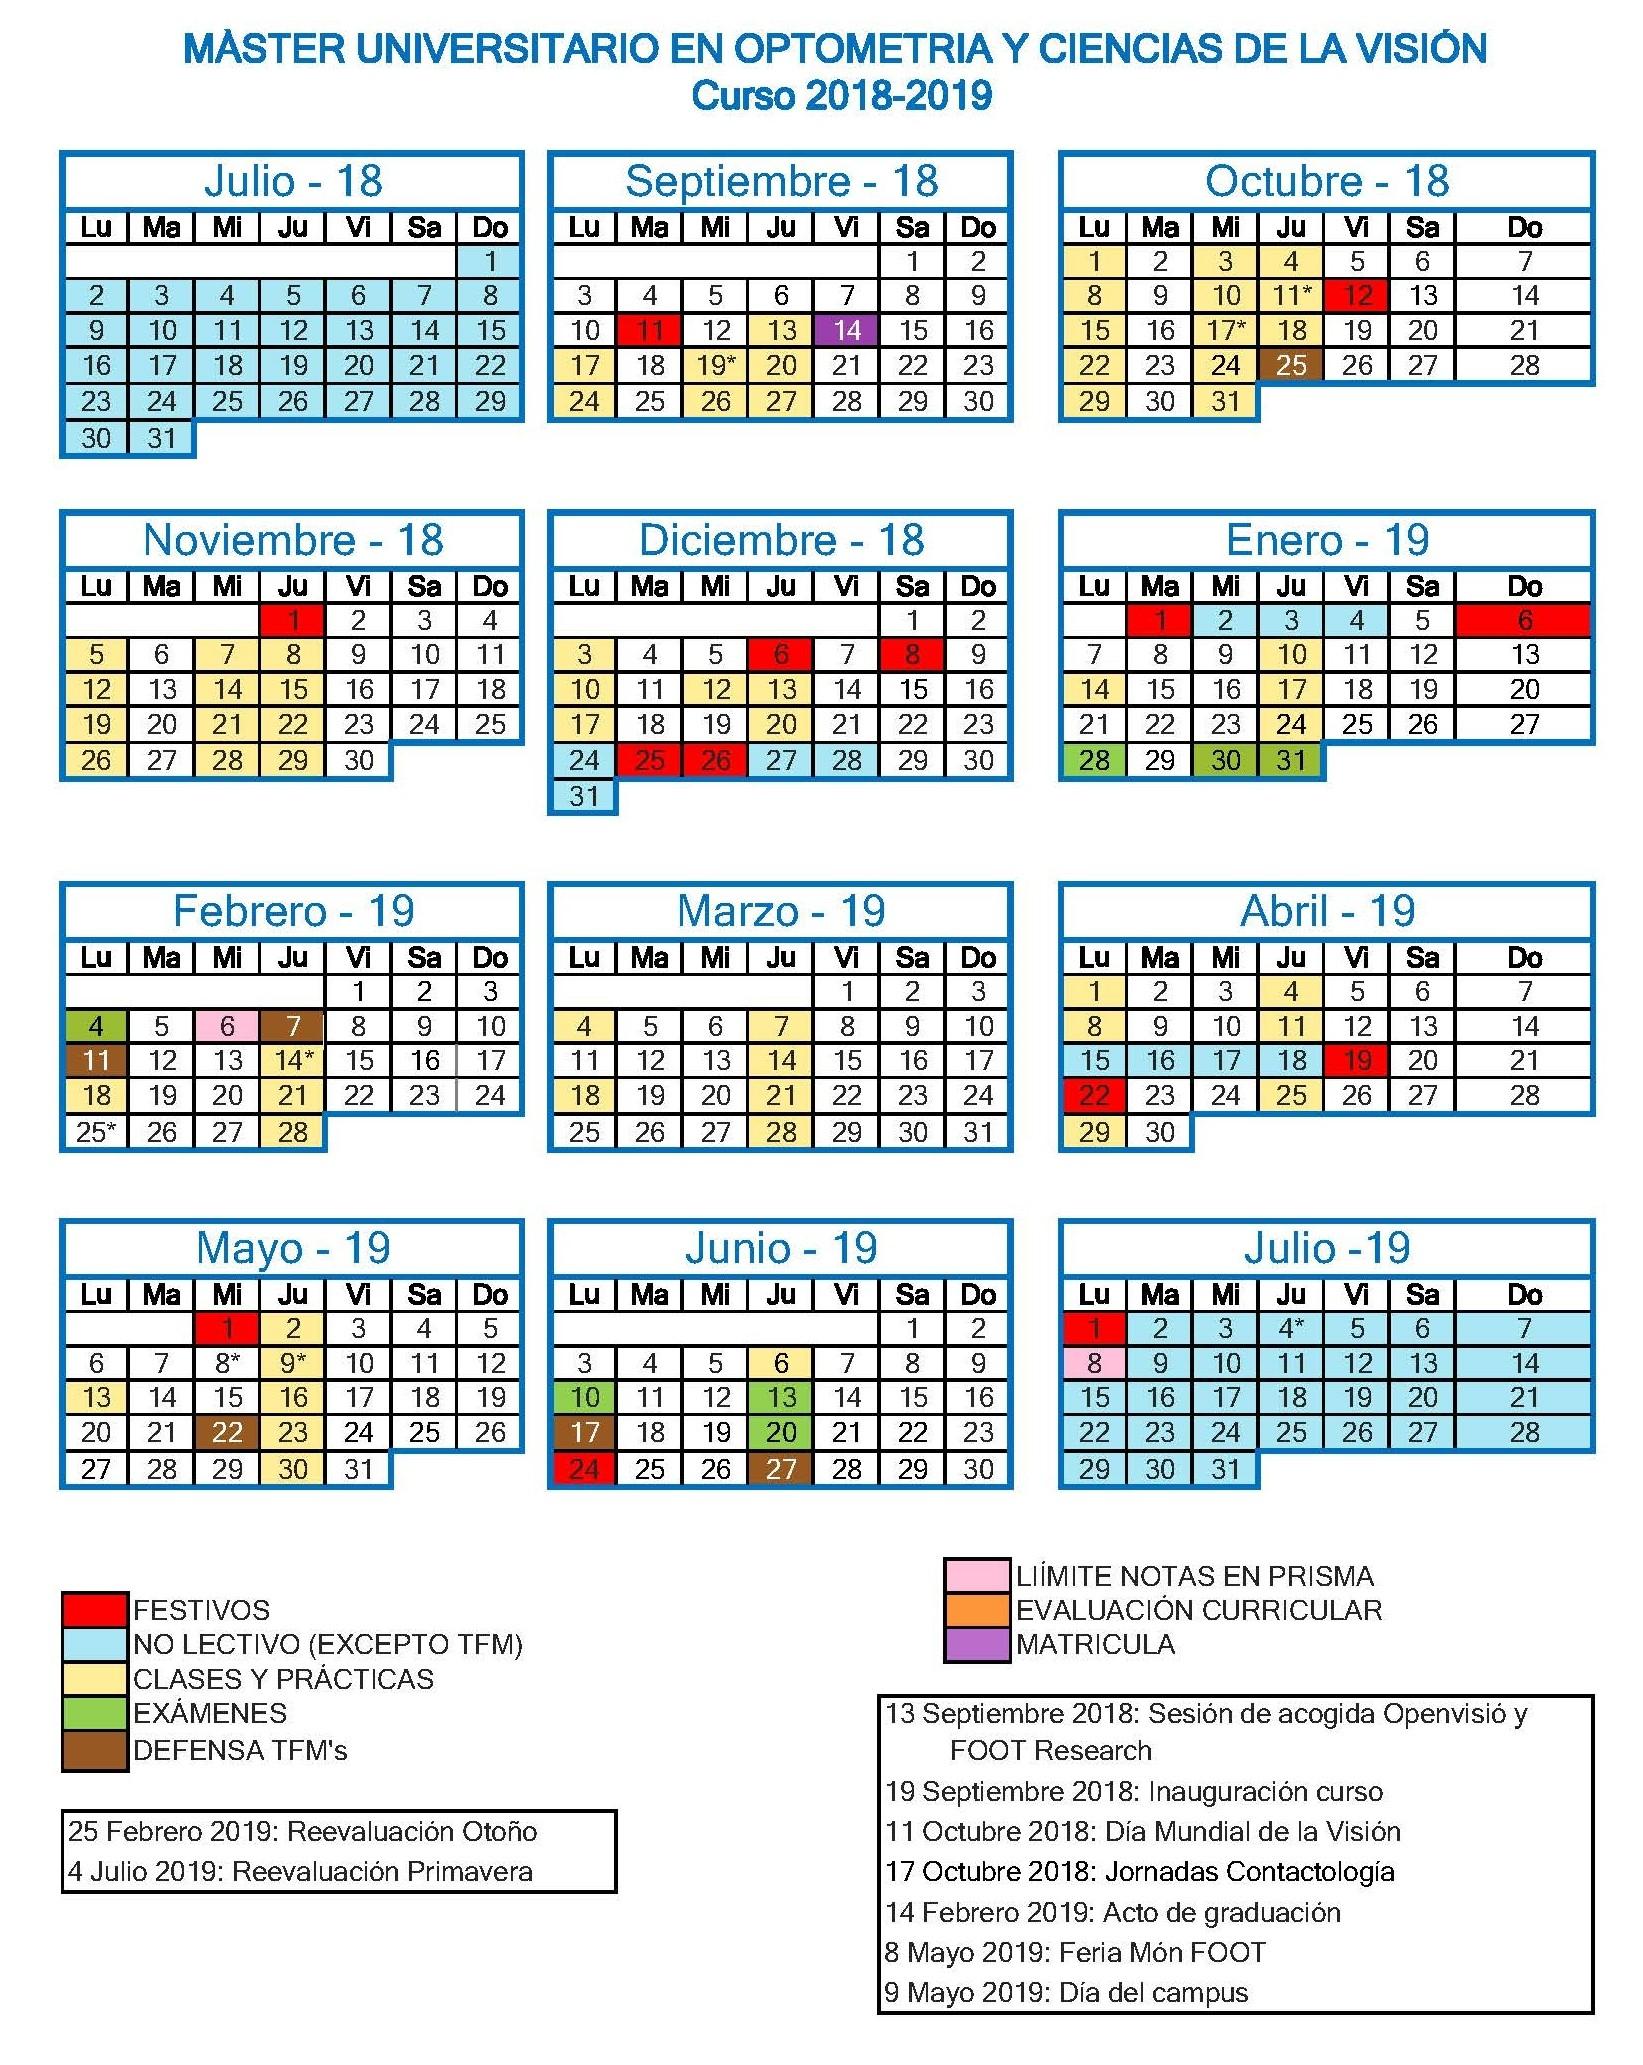 Calendario Imprimir Mundial 2019 Más Populares Calendarios Y Horarios — Máster Universitario En Optometra Y Of Calendario Imprimir Mundial 2019 Más Recientes Calendario Scouts Msc 2019